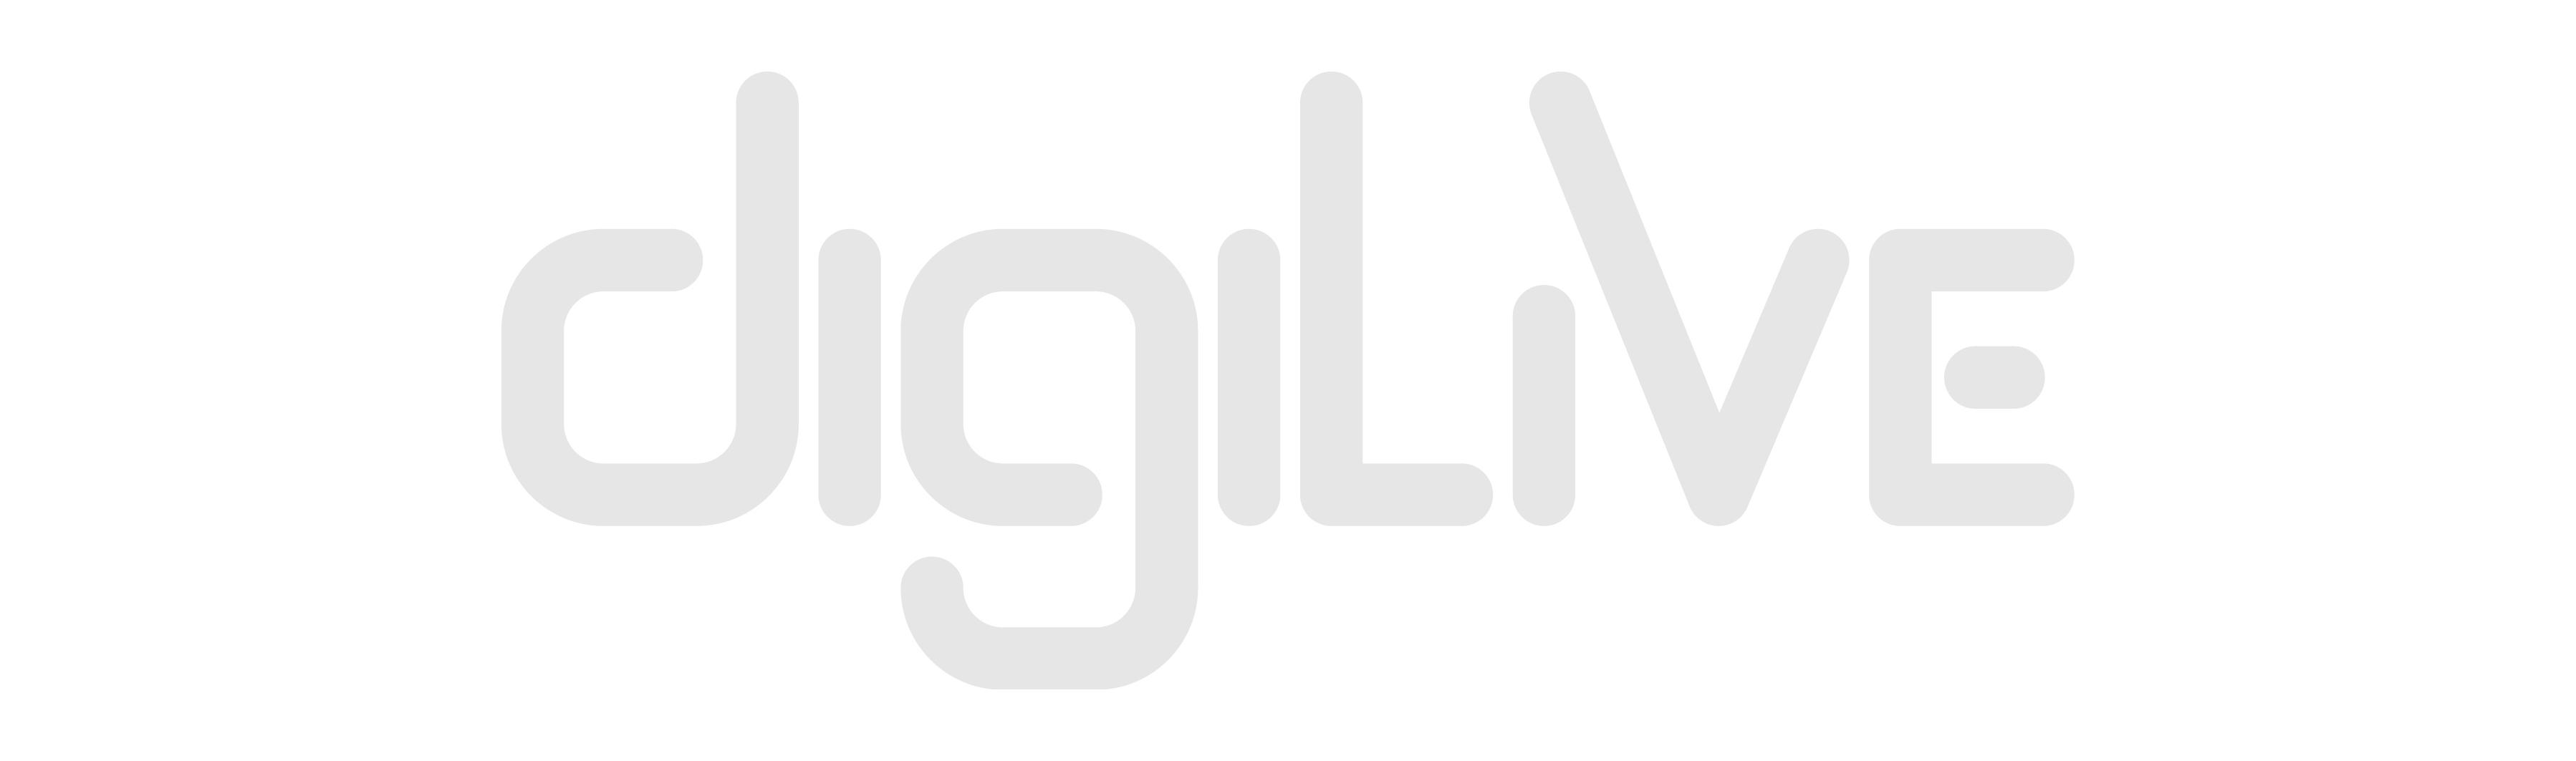 Studiomaster DIGILIVE Logo